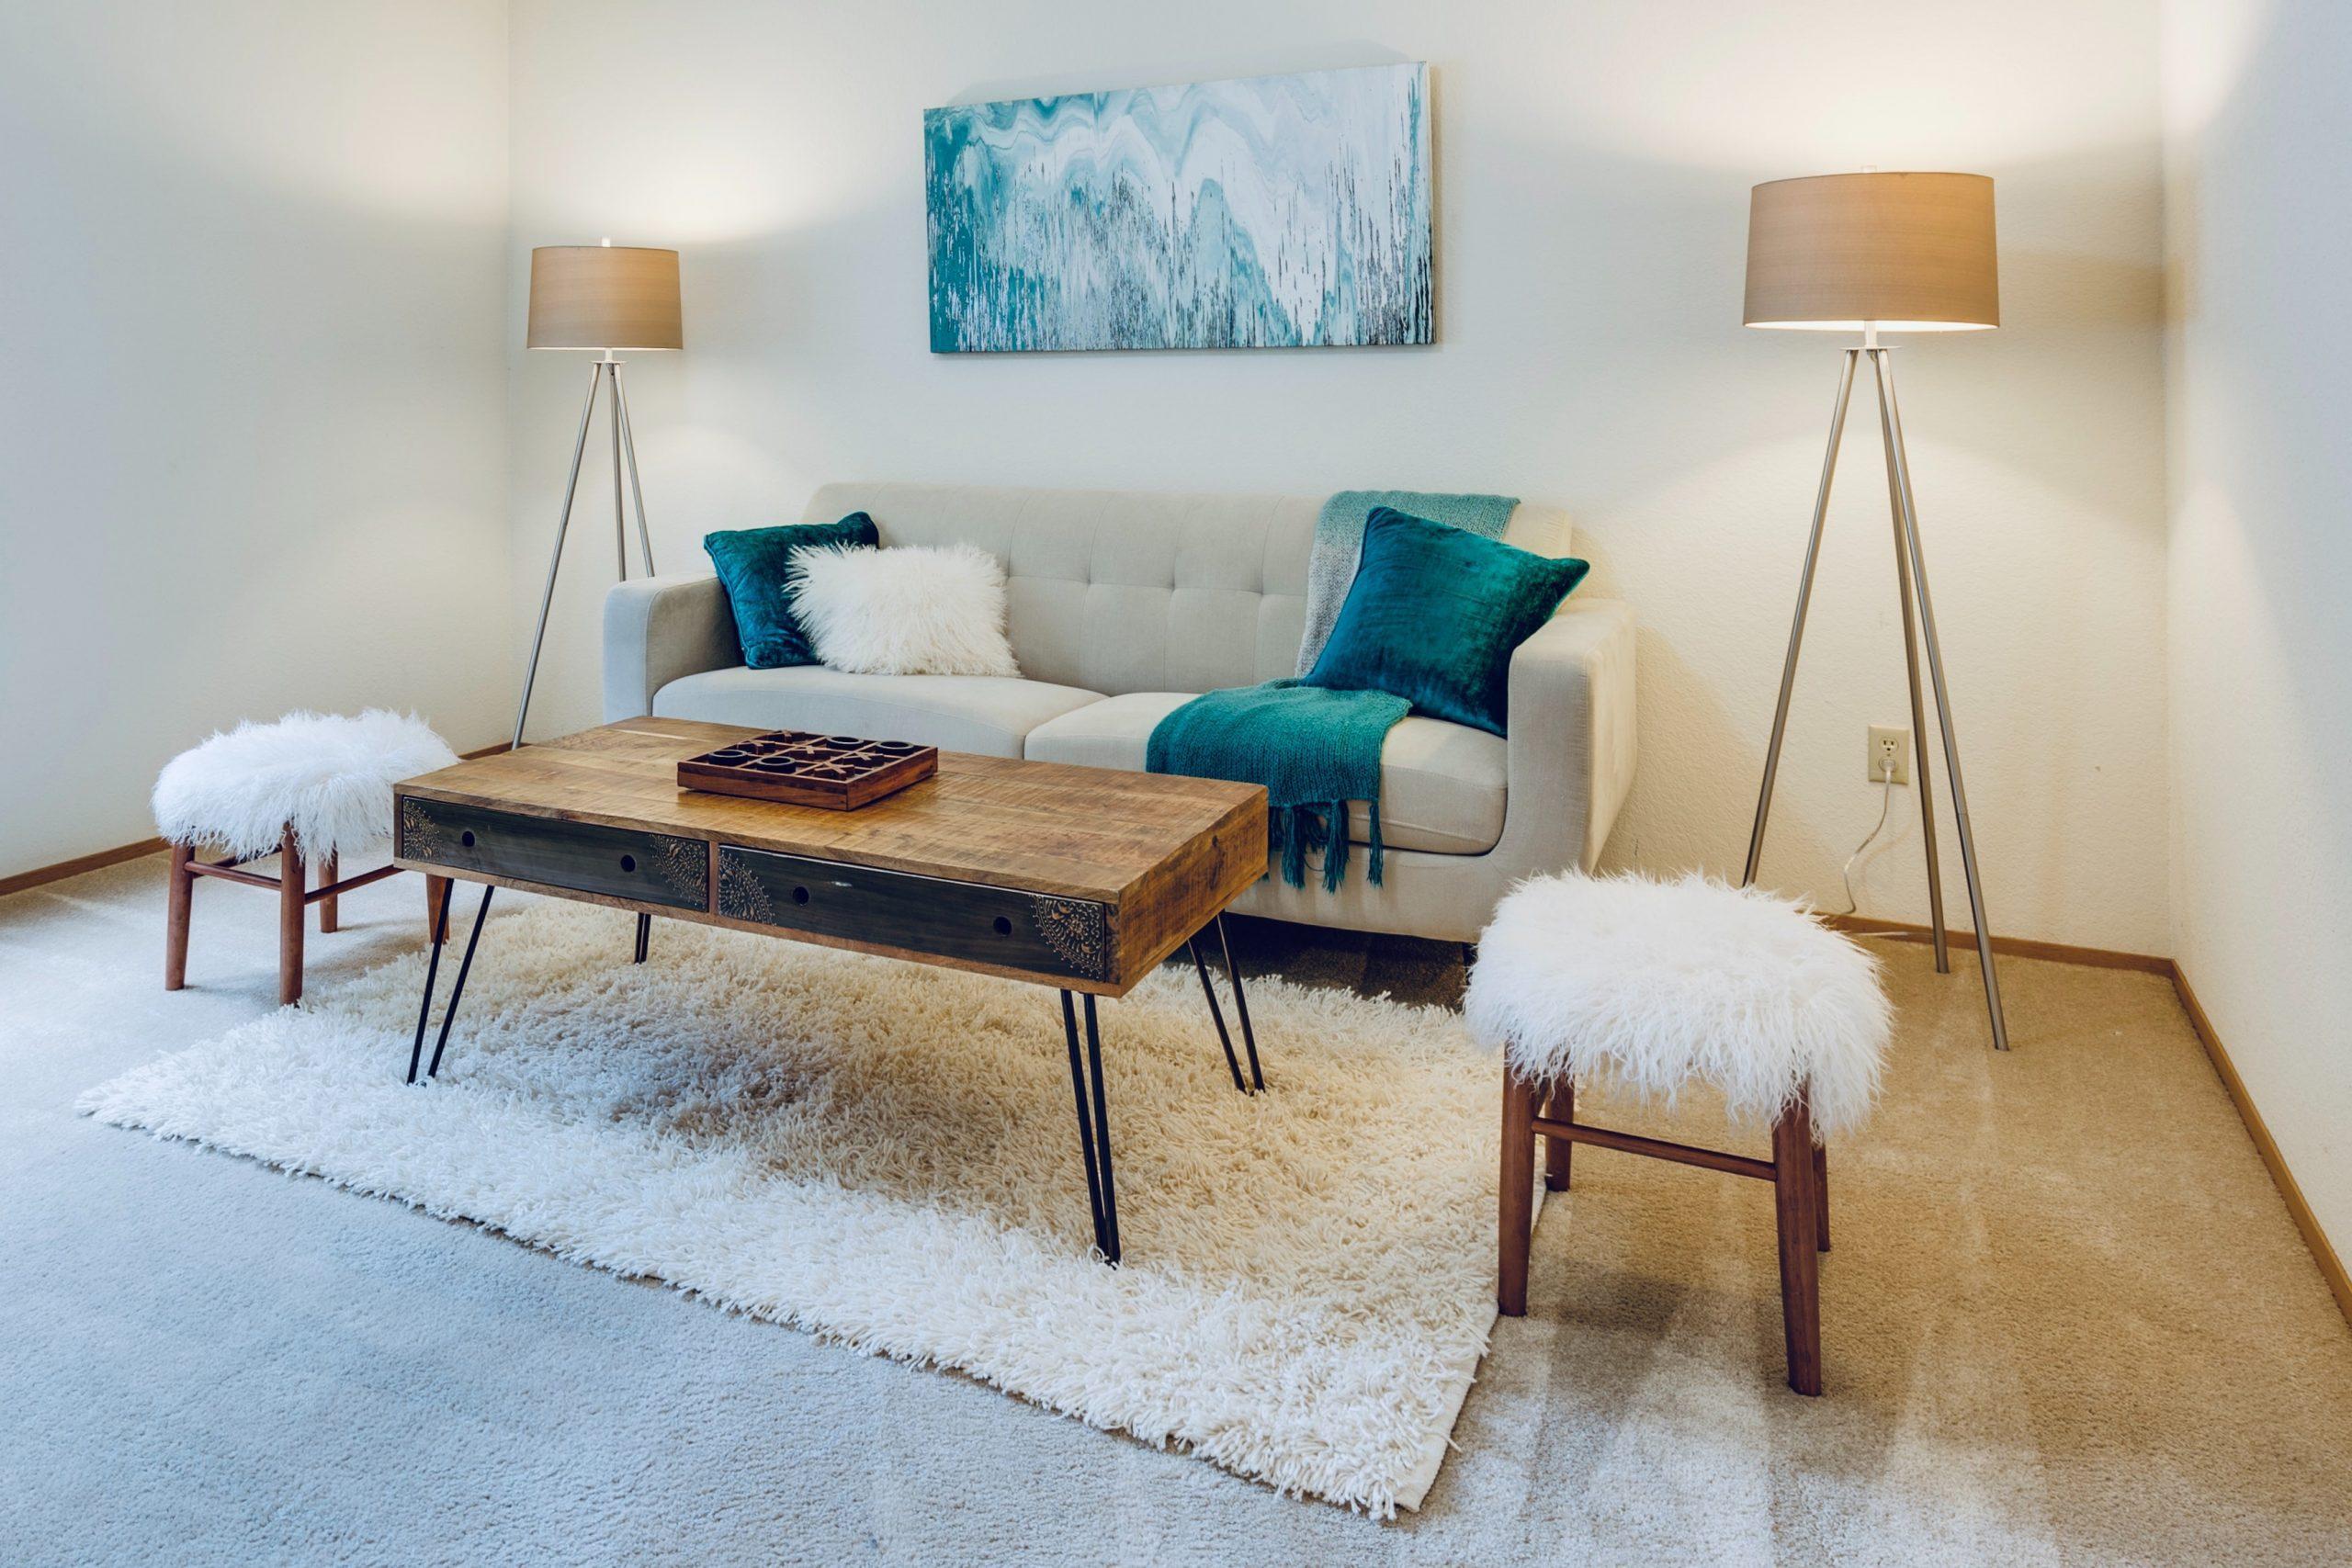 beste plekken vloerlamp woonkamer